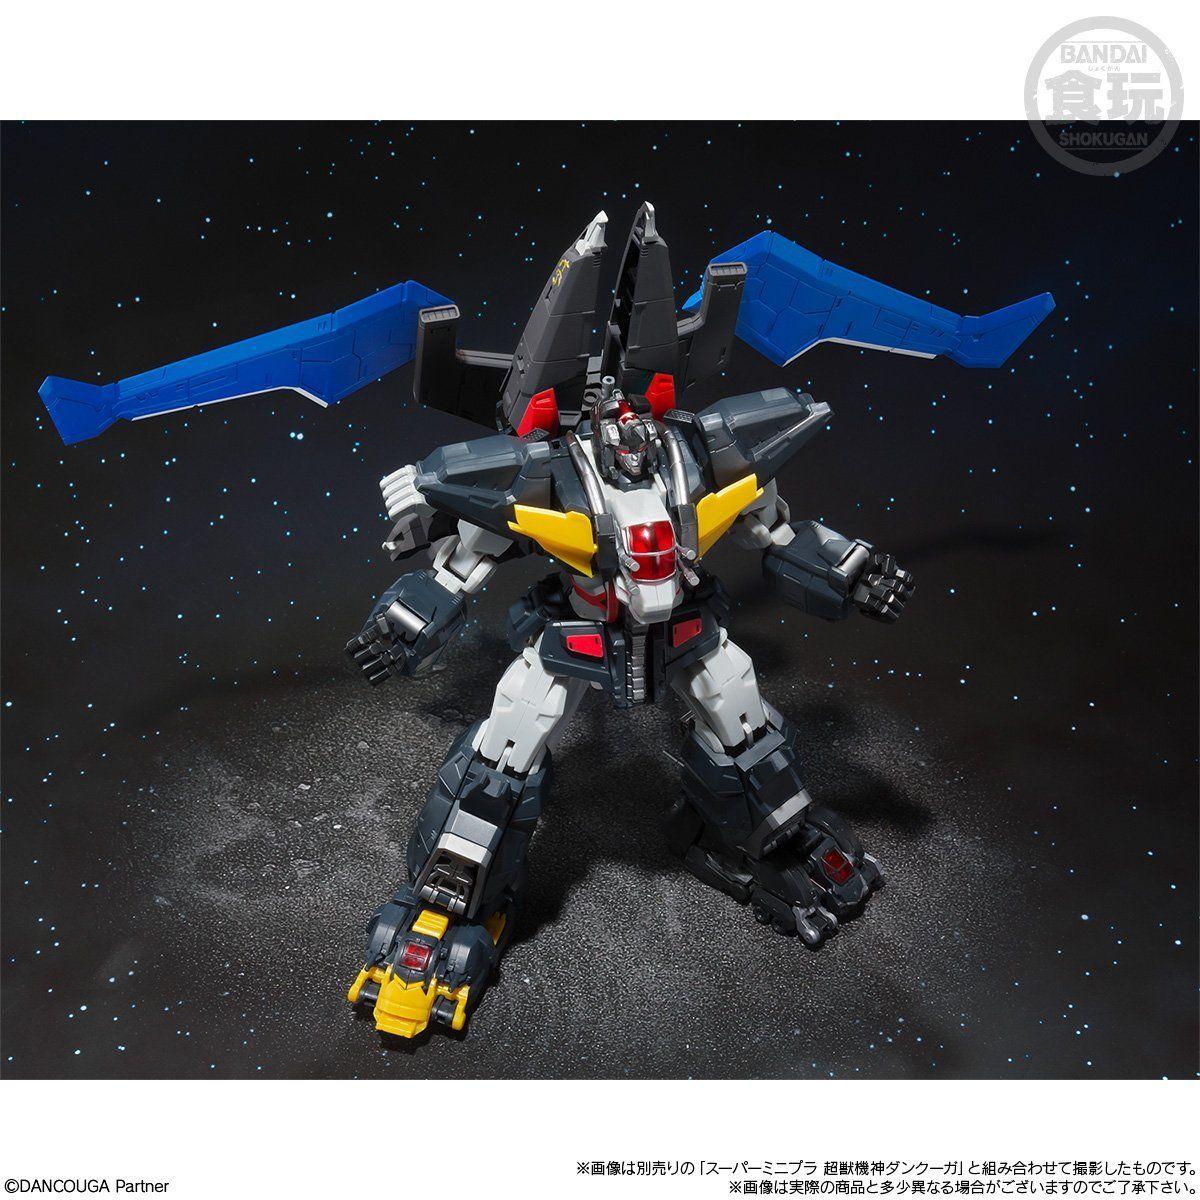 スーパーミニプラ 超獣機神ダンクーガ ブラックウイング11